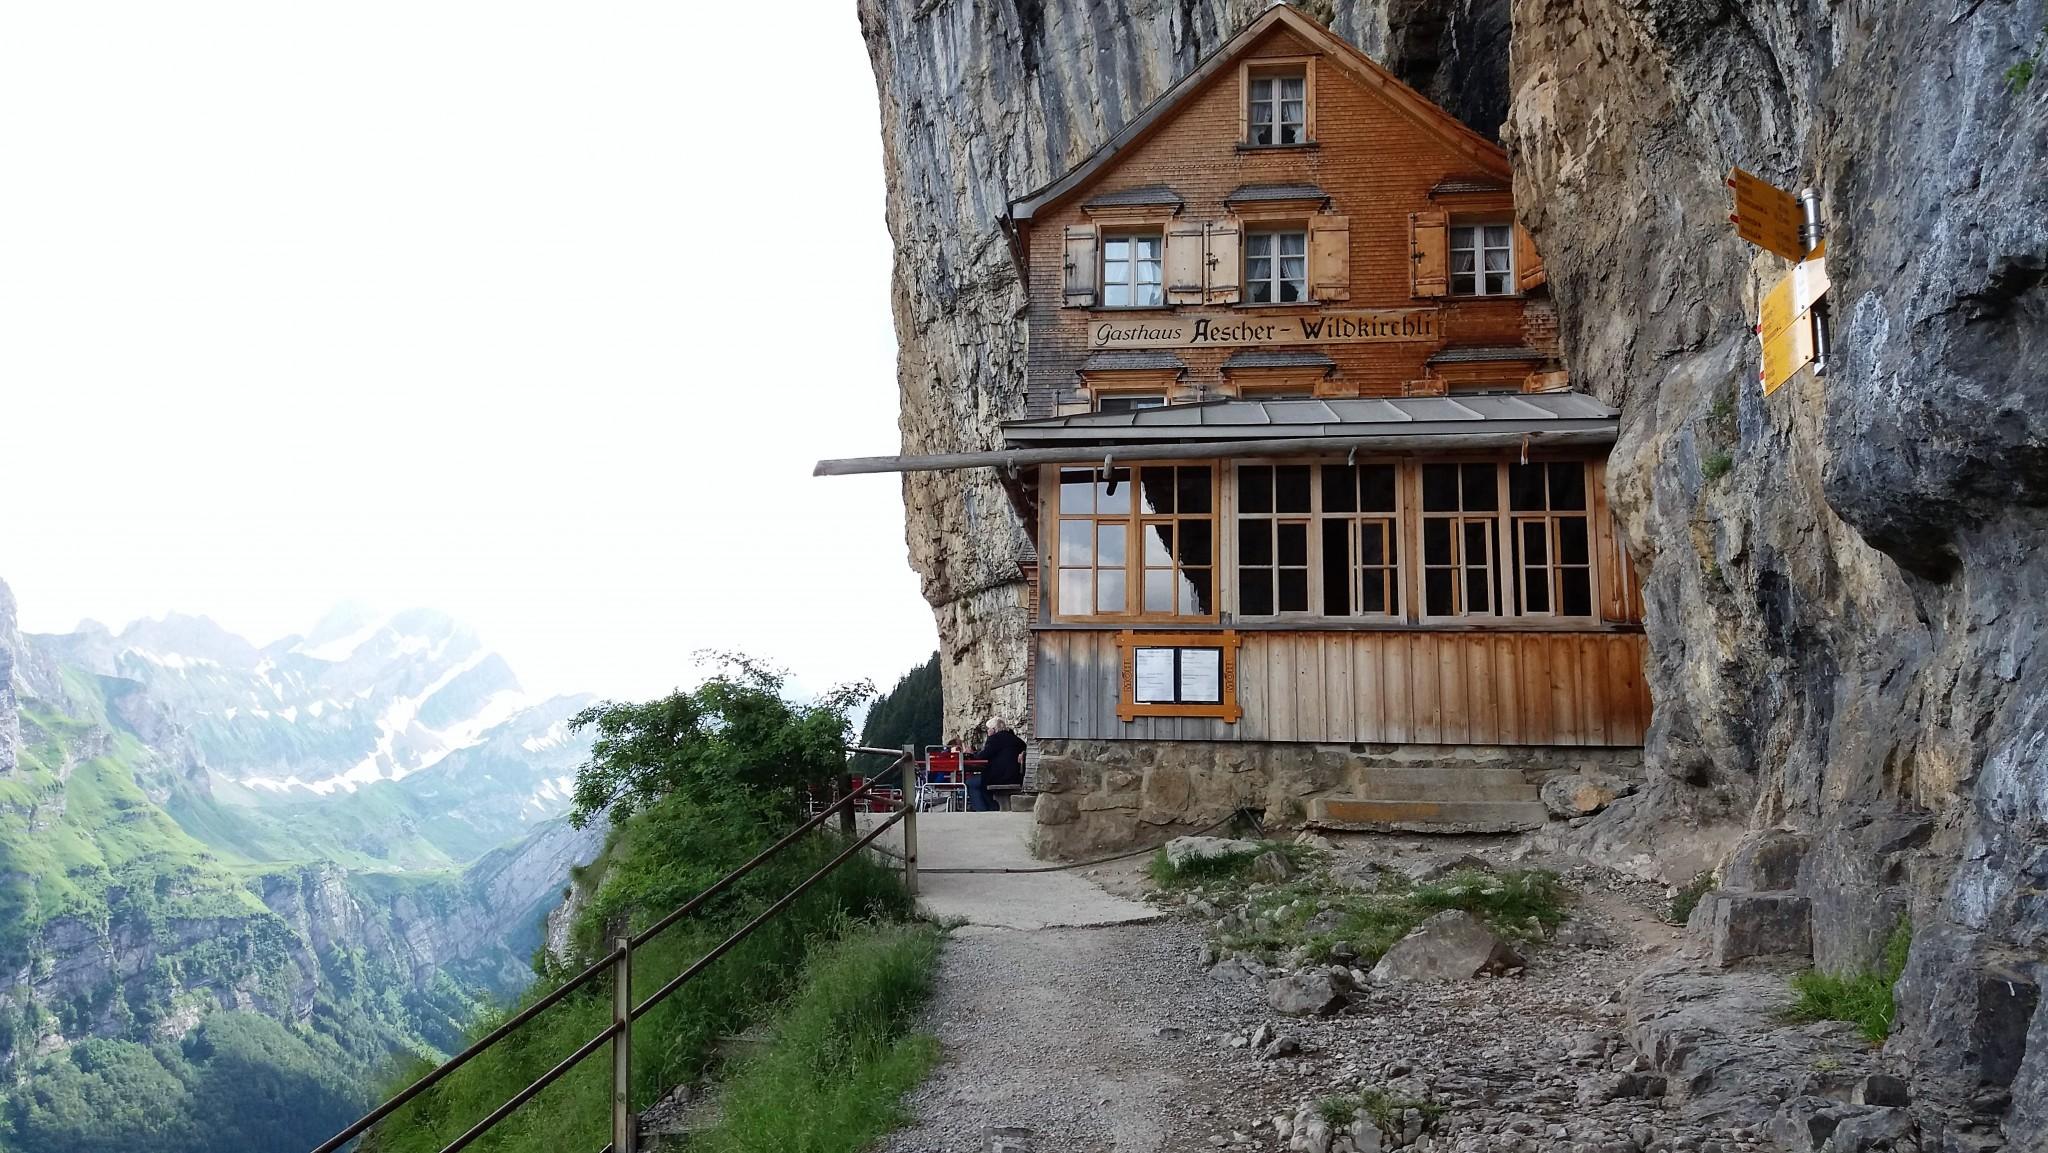 Berggasthaus Aescher-Wildkirchli 3